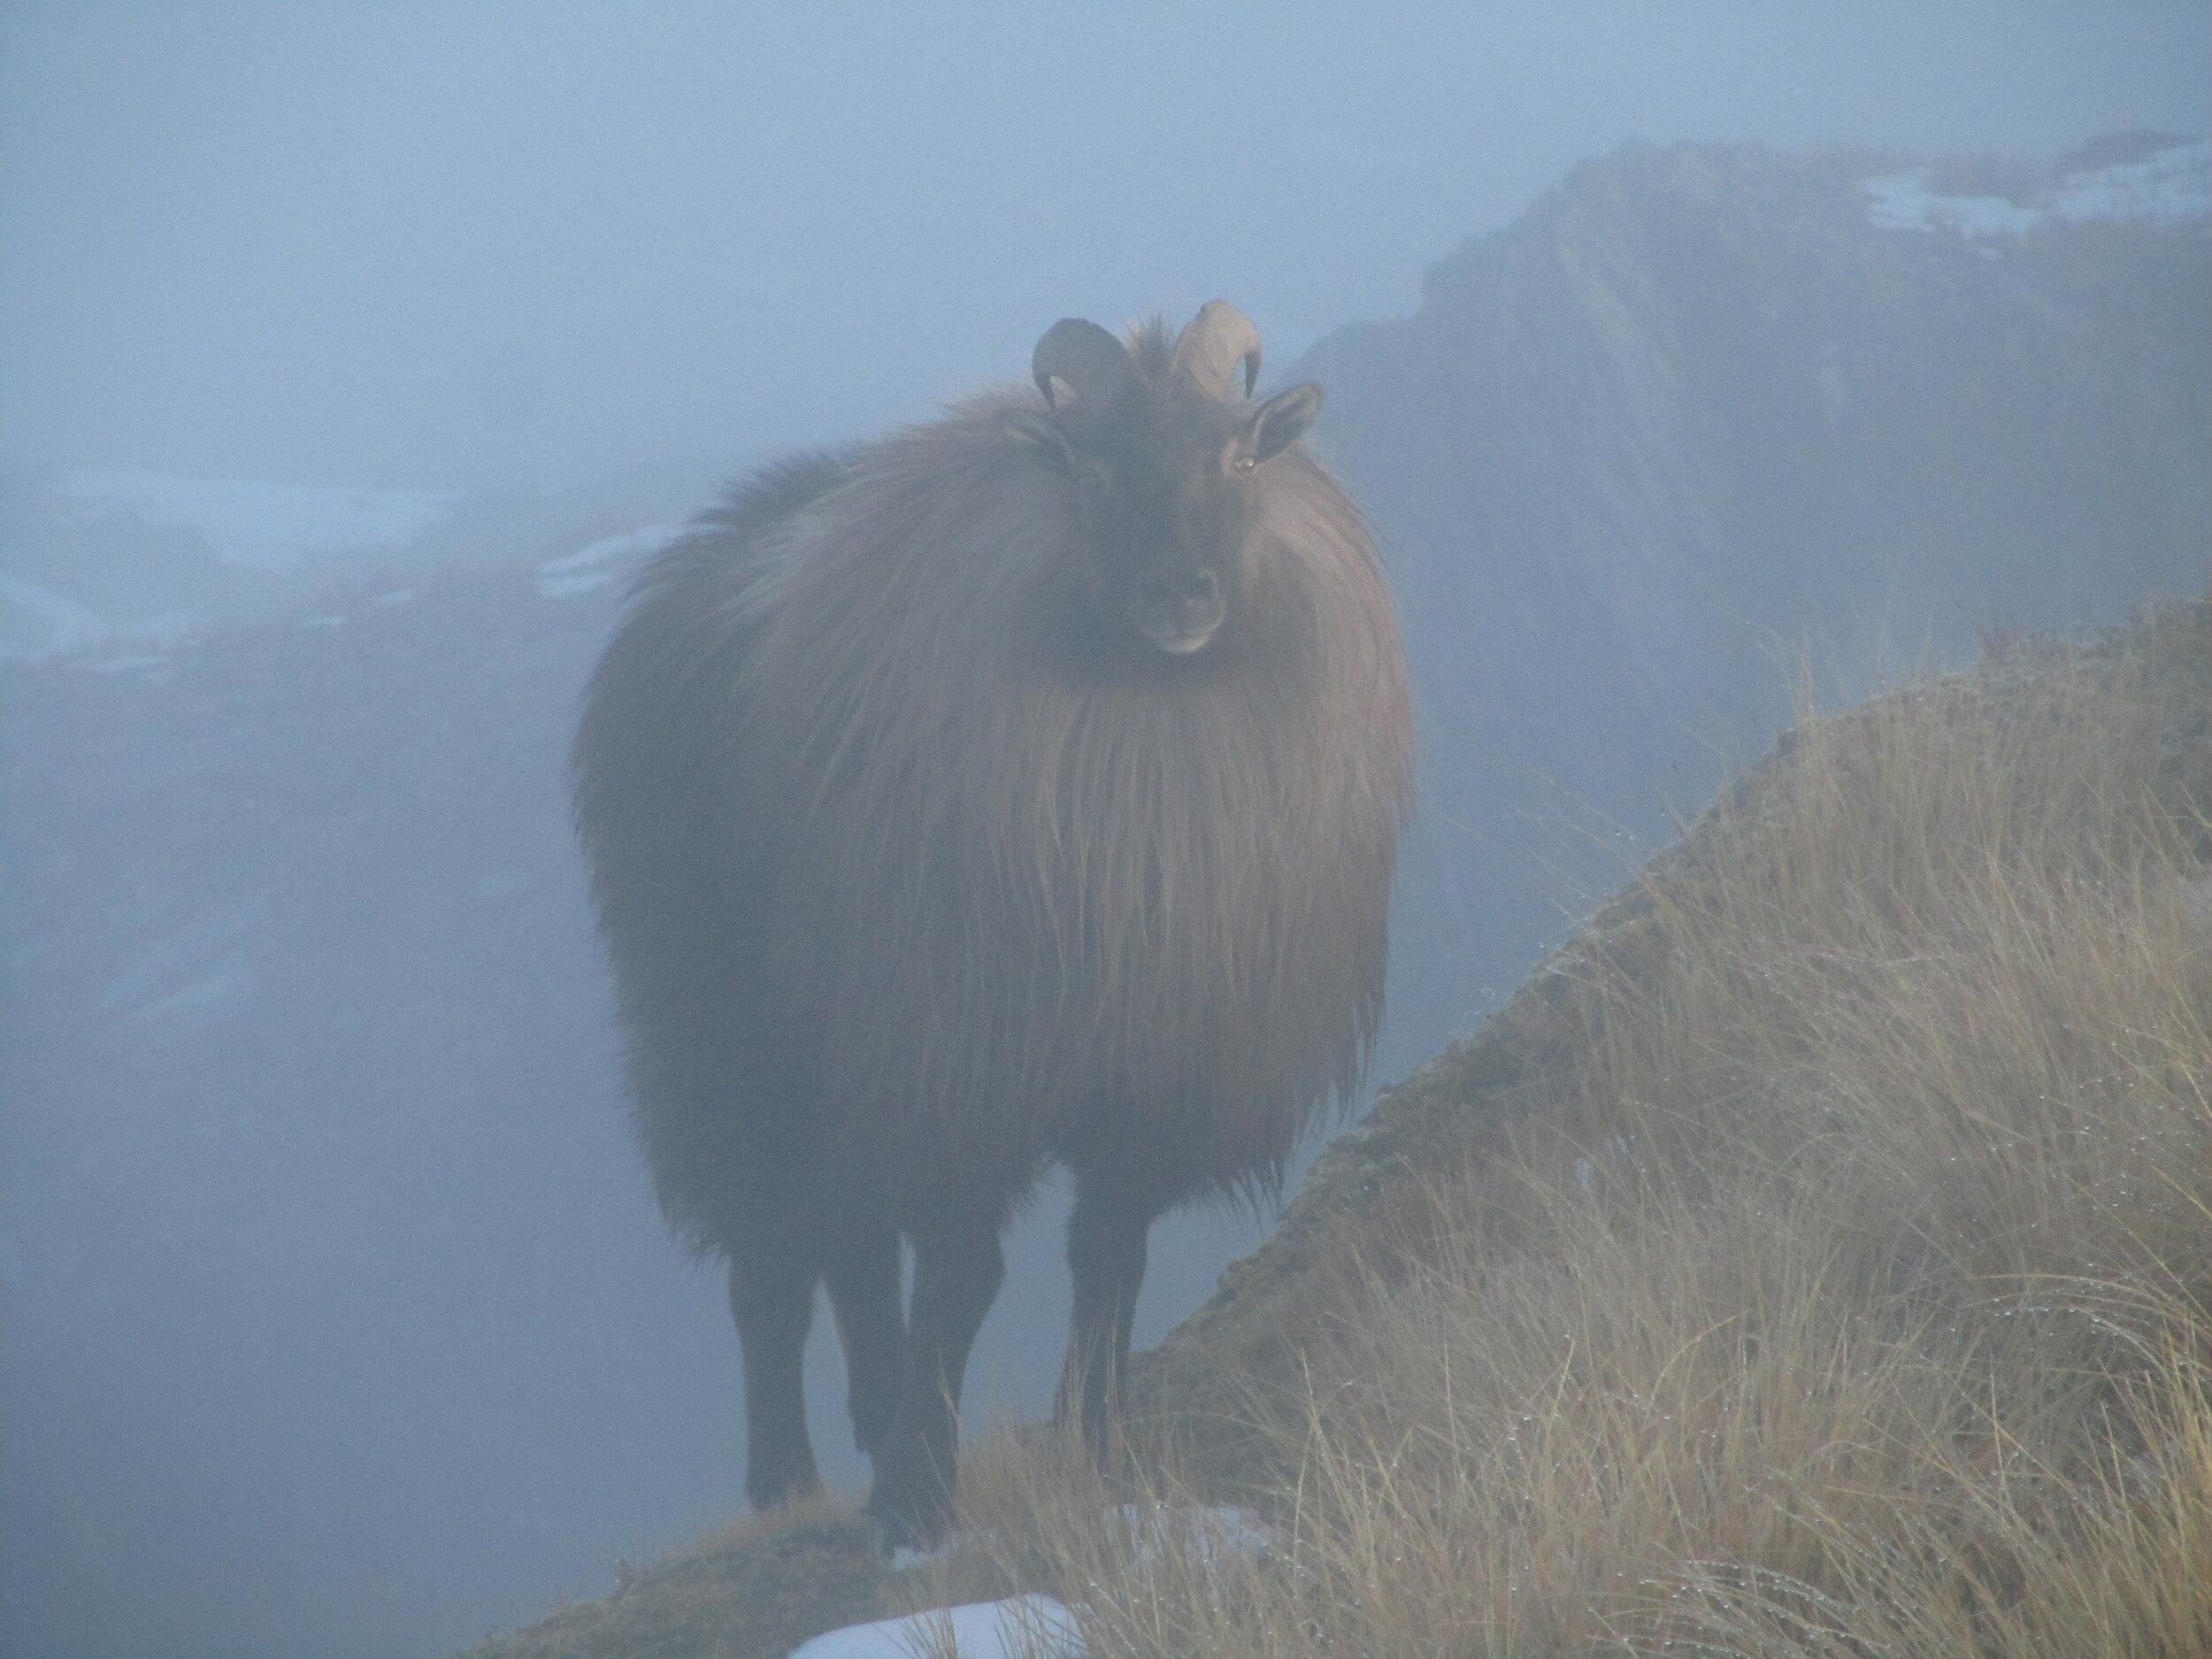 bull tahr standing on a ridge  Image @ Luke Potts